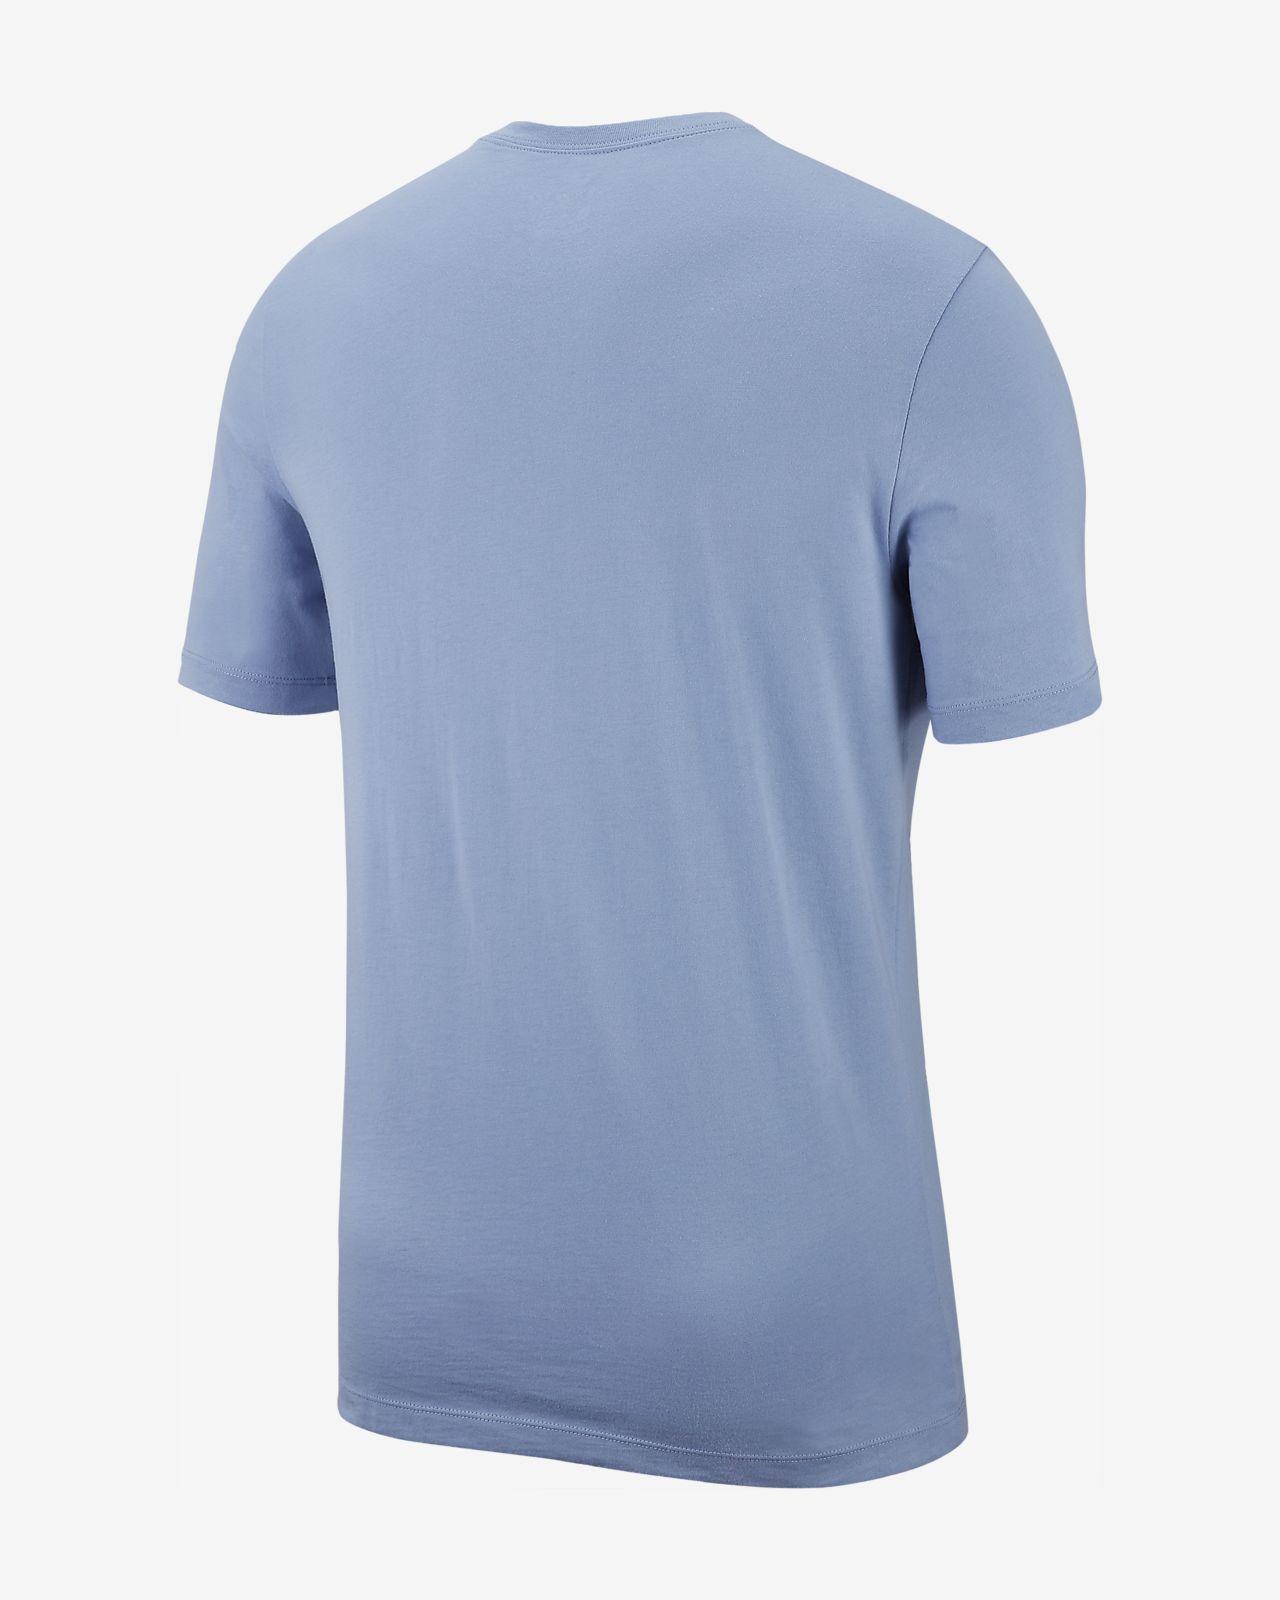 b230a5e3d13 Nike Sportswear Icon Short Sleeve T Shirt Mens